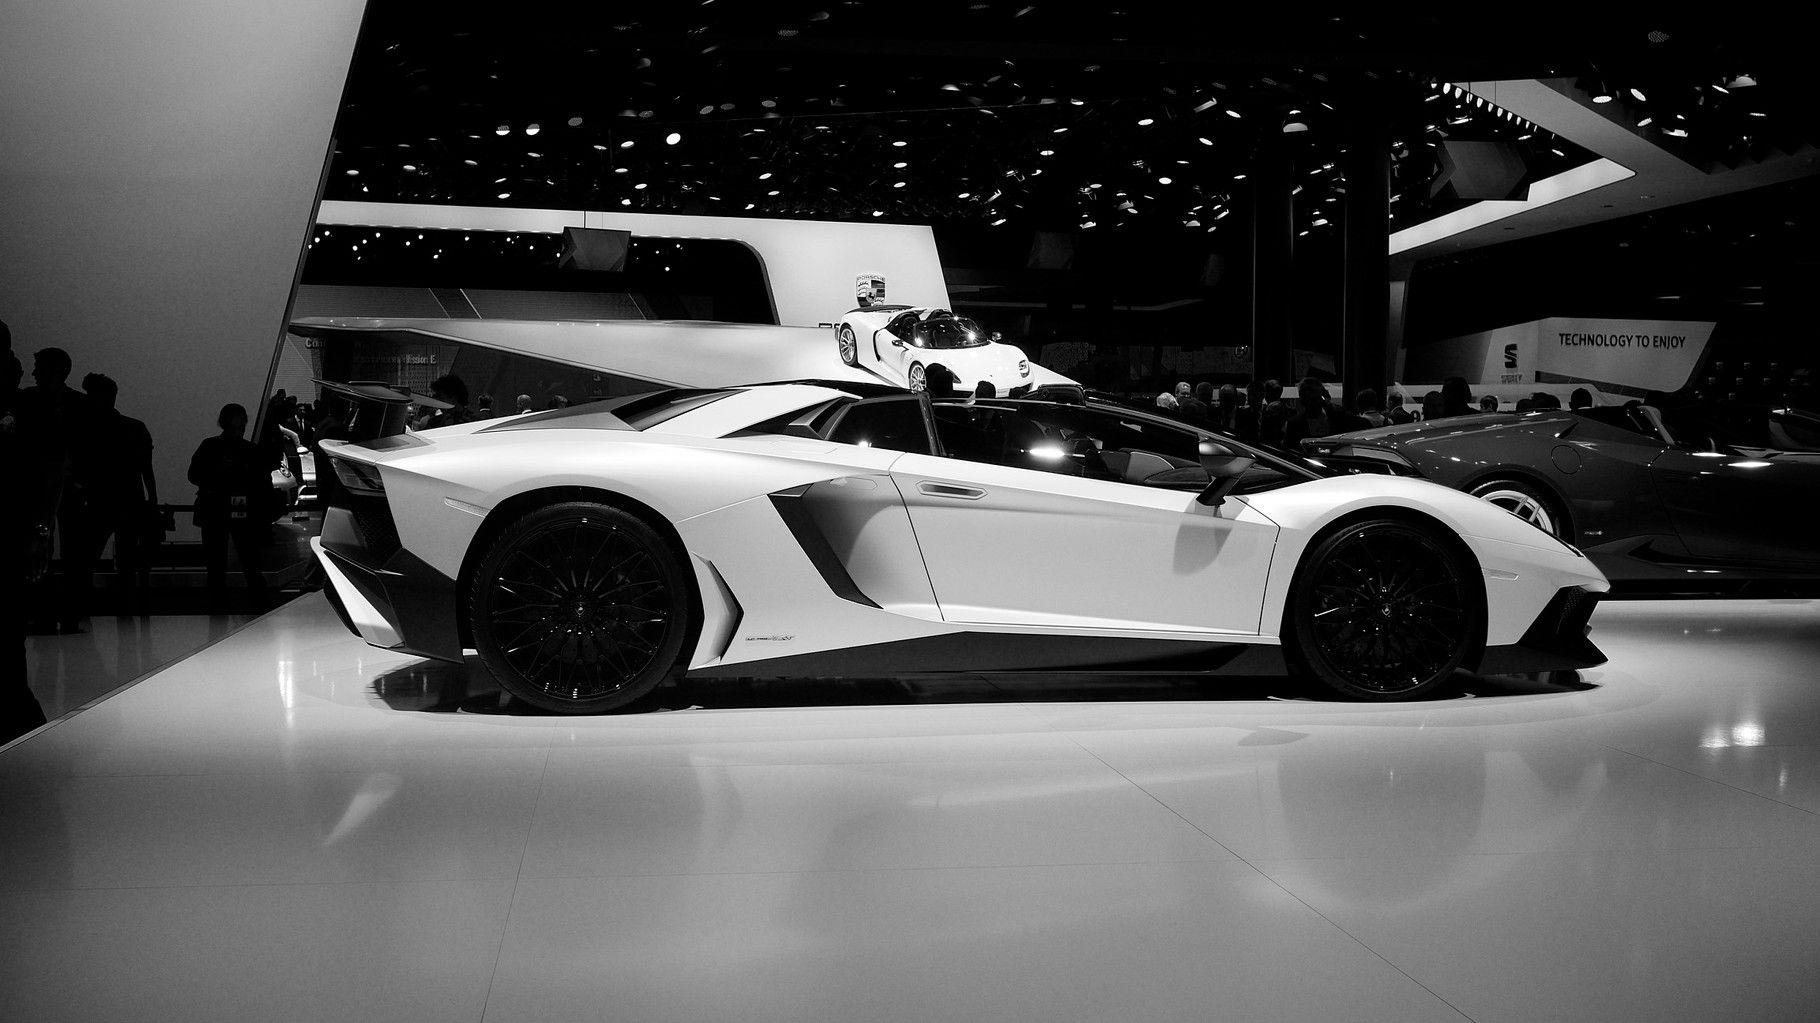 Lamborghini at the IAA 2015 Frankfurt